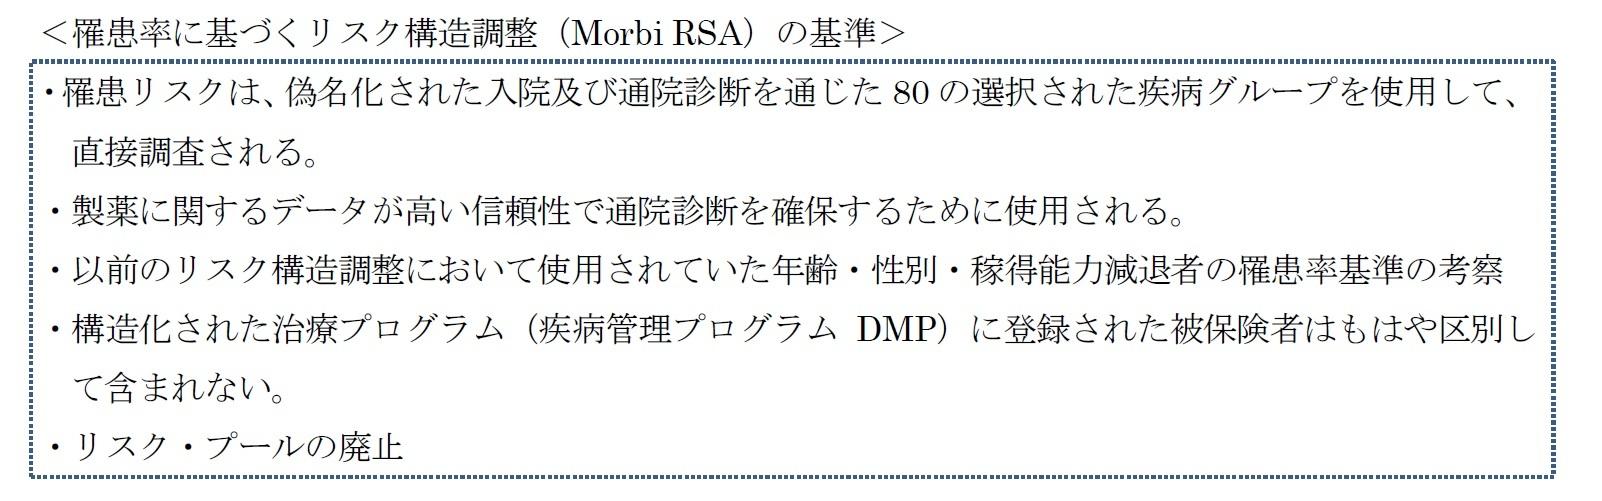 <罹患率に基づくリスク構造調整(Morbi RSA)の基準>